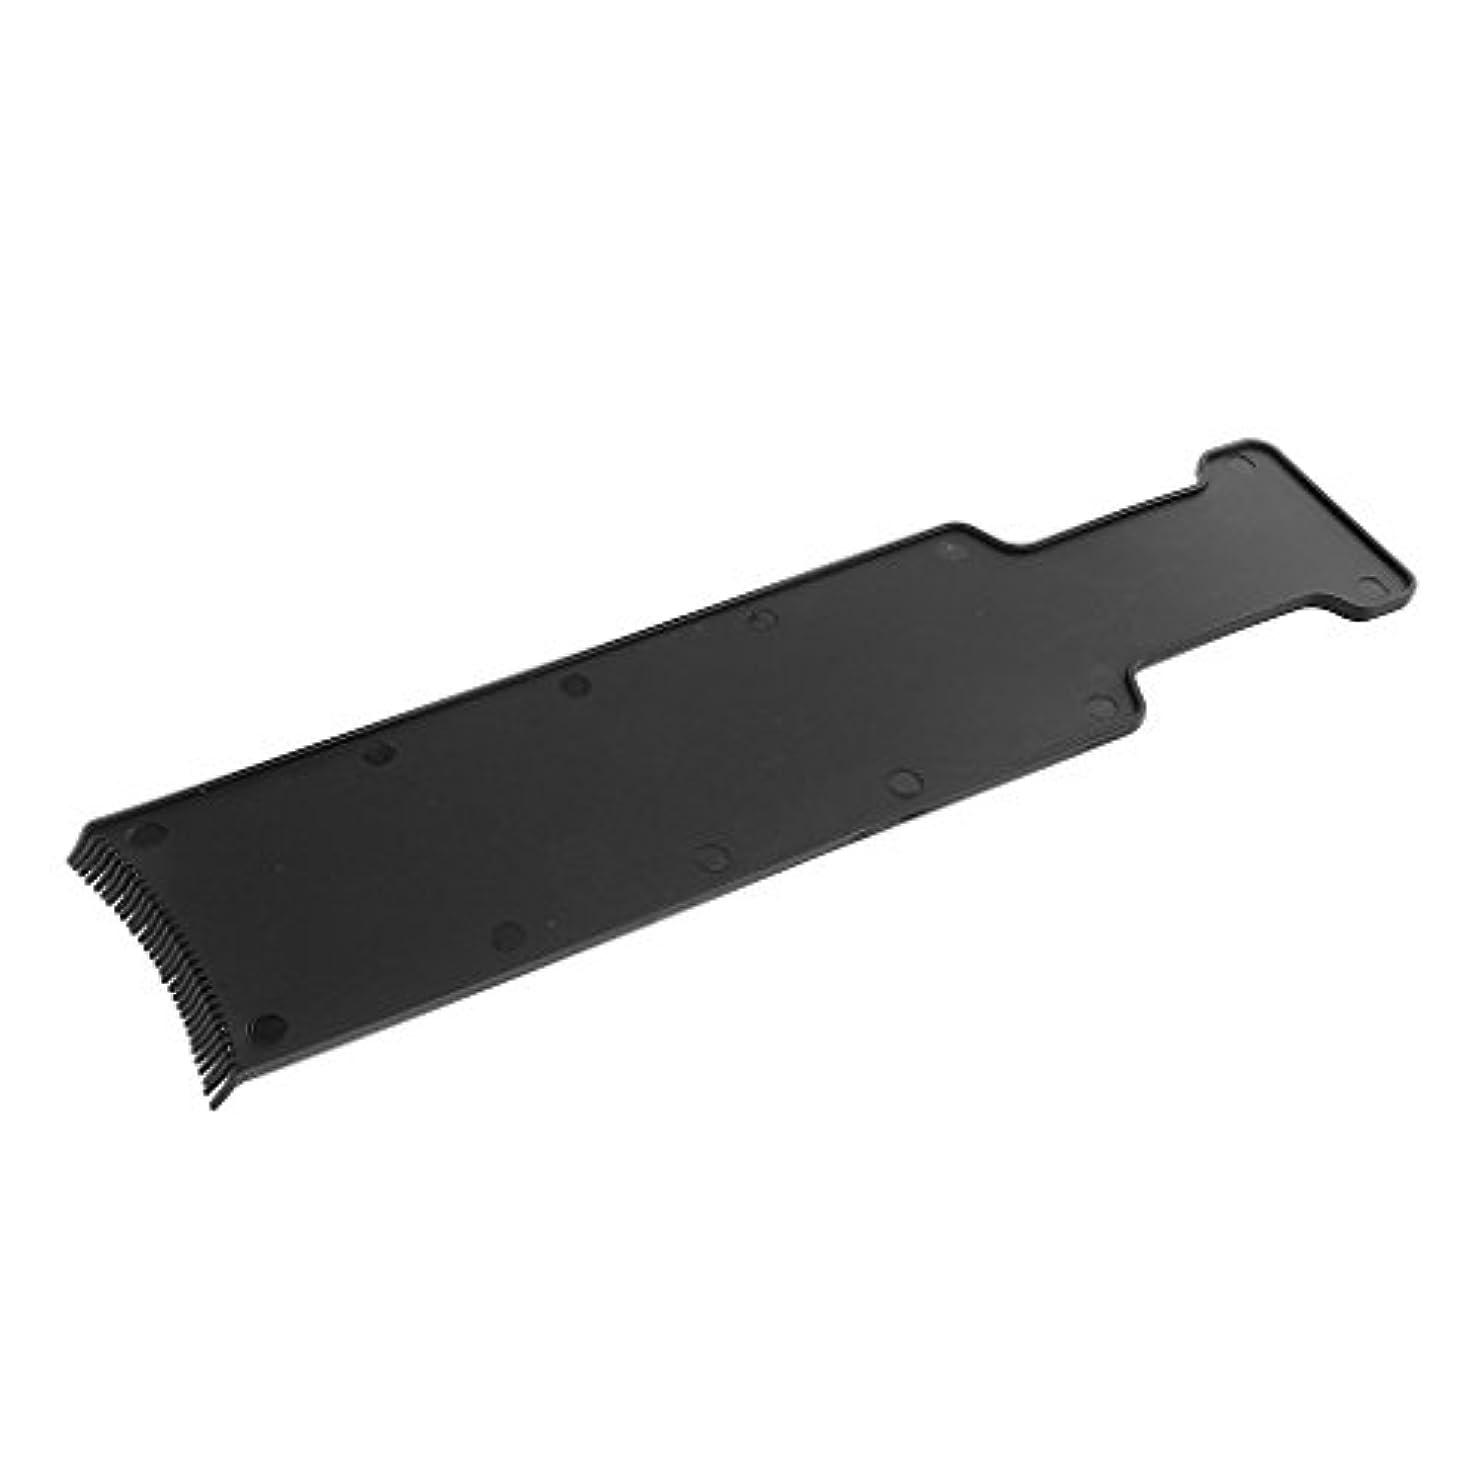 裸ご意見バンクPerfeclan ヘアカラーボード サロン ヘアカラー 美容 ヘア ツール 髪 保護 ブラック 全4サイズ - L